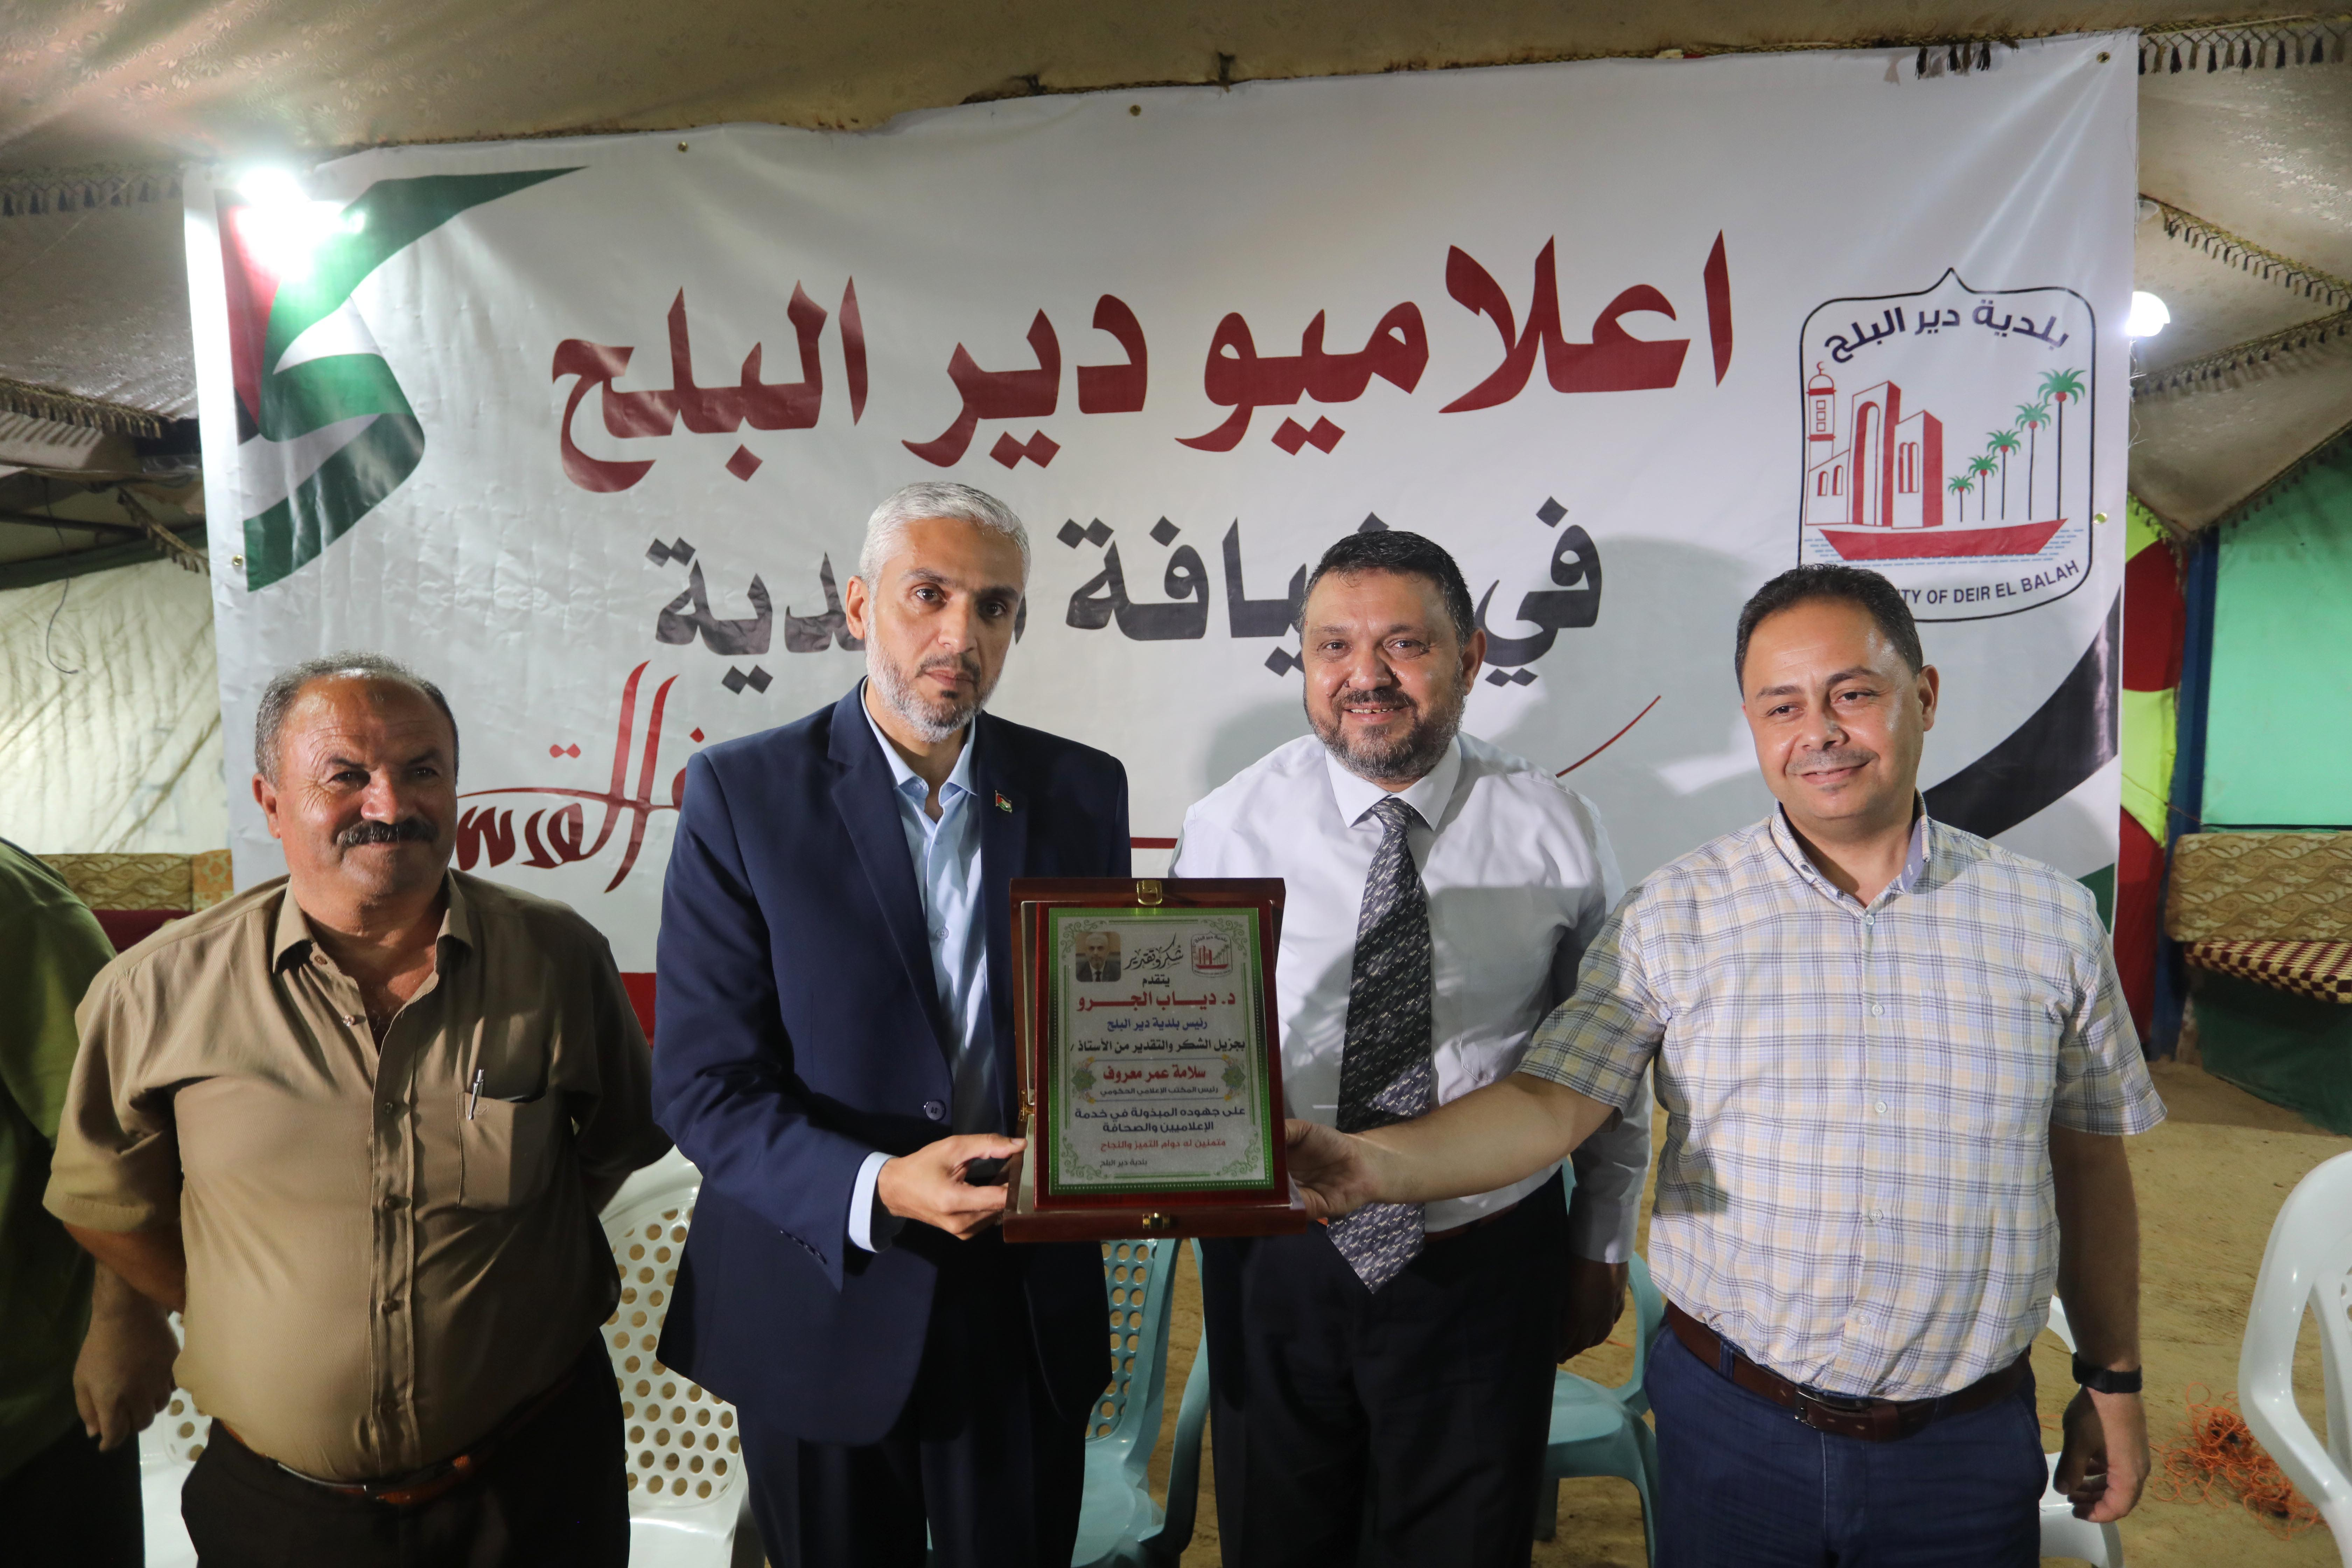 بلدية دير البلح تستضيف عدد من الاعلاميين وصحفيين المدينة